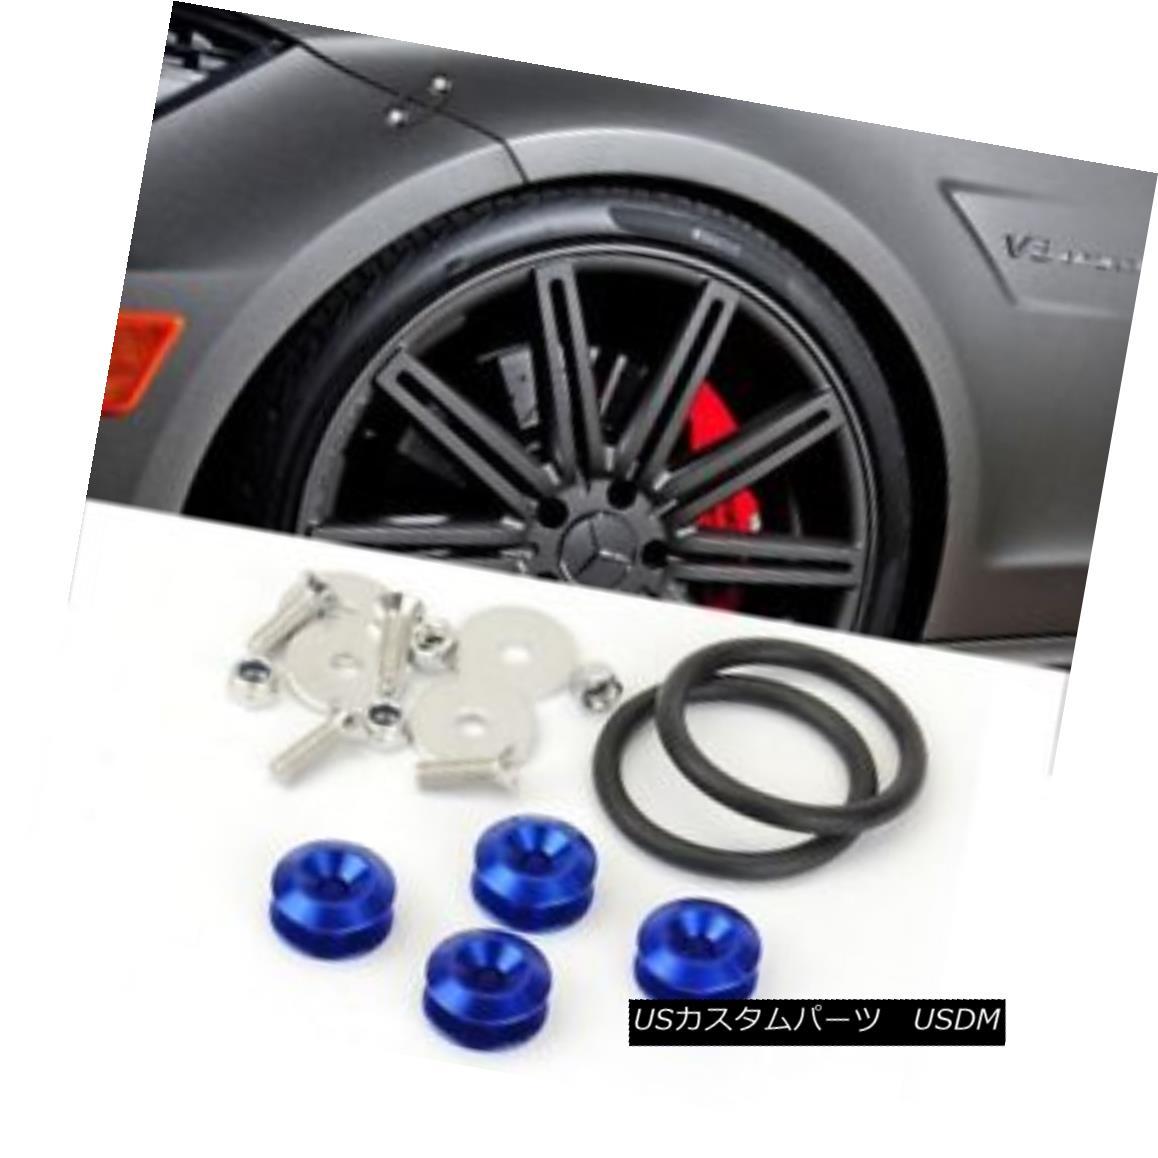 エアロパーツ Blue Bolt on Fast Quick Release Secure Kit For VW Fiat Front Rear Bumper Lip 青いボルトが速いクイックリリースで安全なキットVW Fiatのフロントリアバンパーリップ